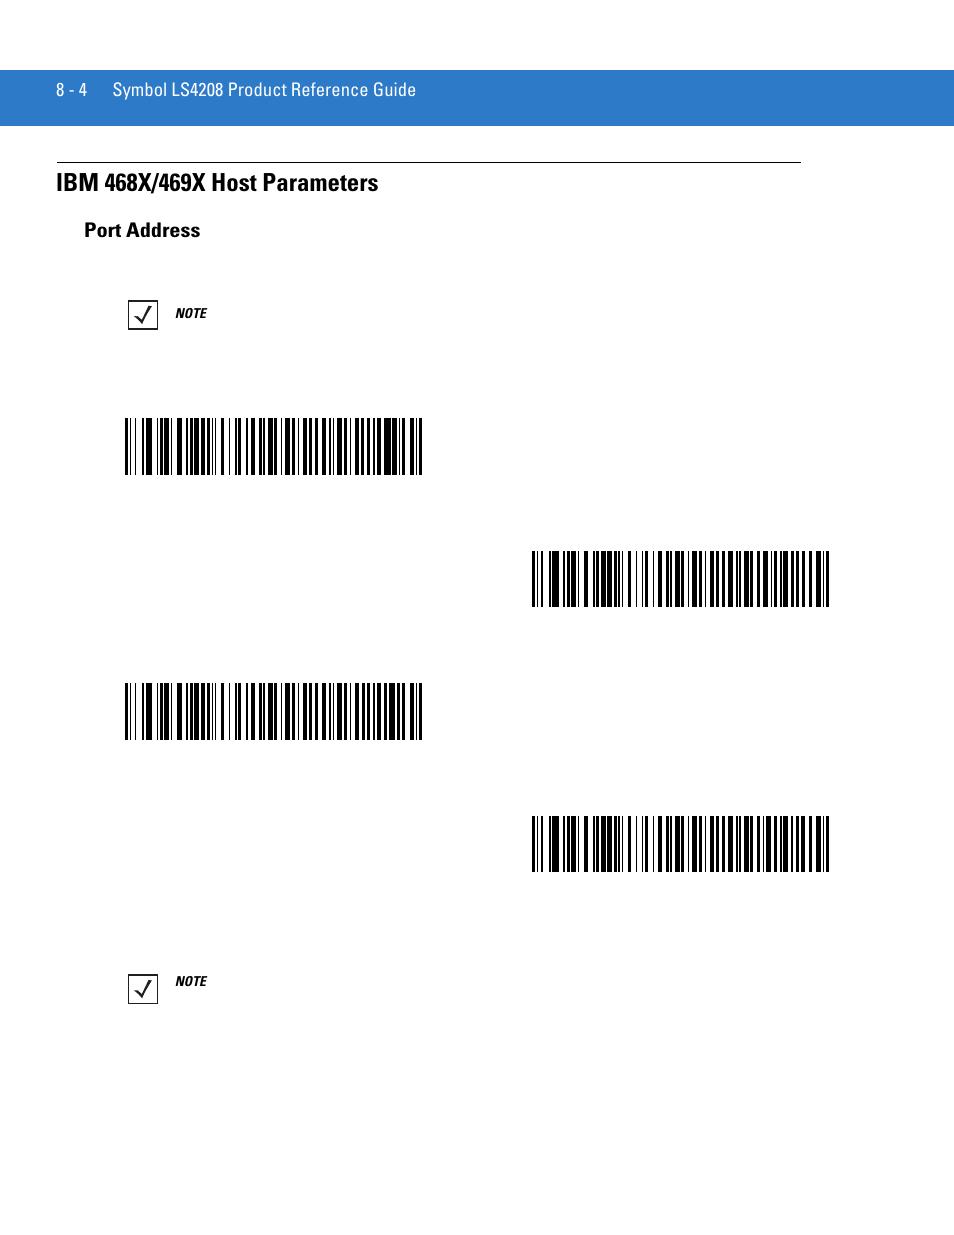 ibm 468x 469x host parameters port address ibm 468x 469x host rh manualsdir com LS4208 User Manual LS4208 Sr20007zzr